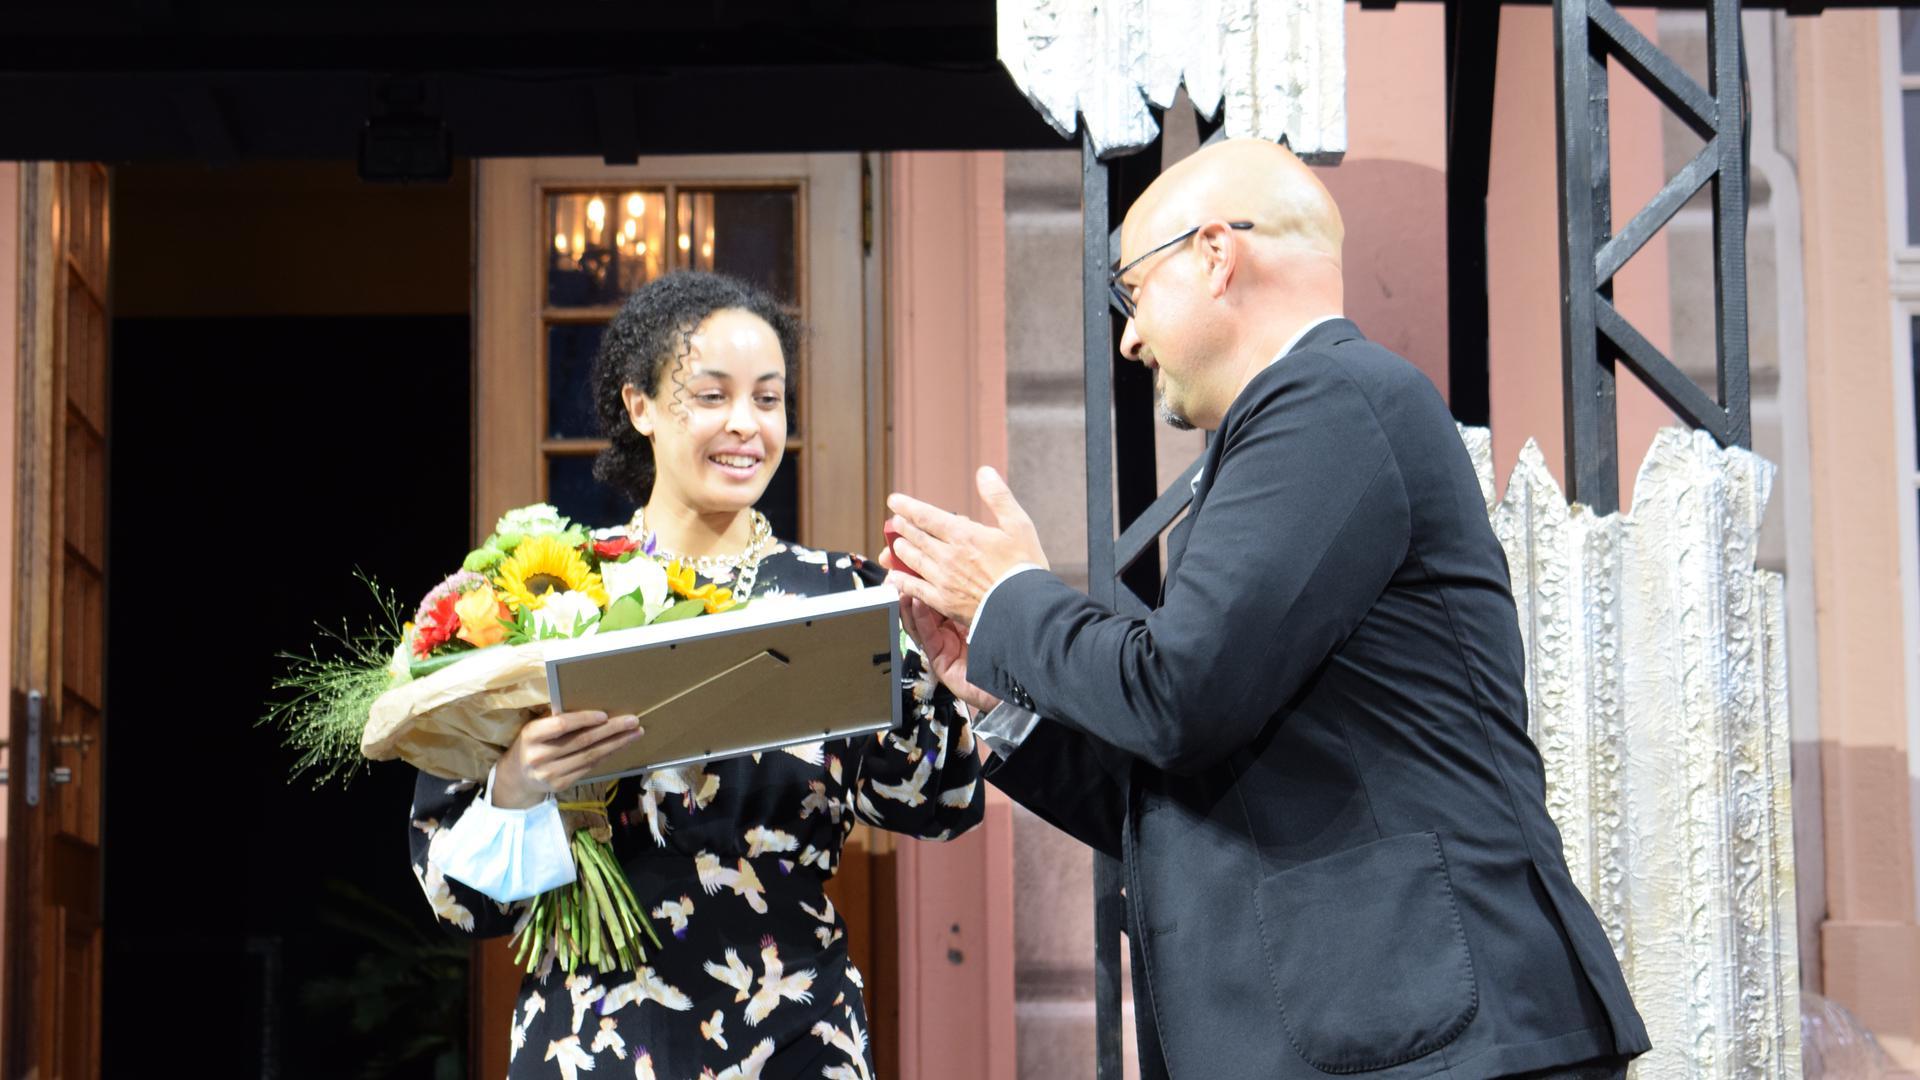 Auszeichnung: Oberbürgermeister Johannes Arnold überreicht den Kurt-Müller-Graf-Preis auf der Schlosshof-Bühne an Schauspielerin Ivy Lißack.